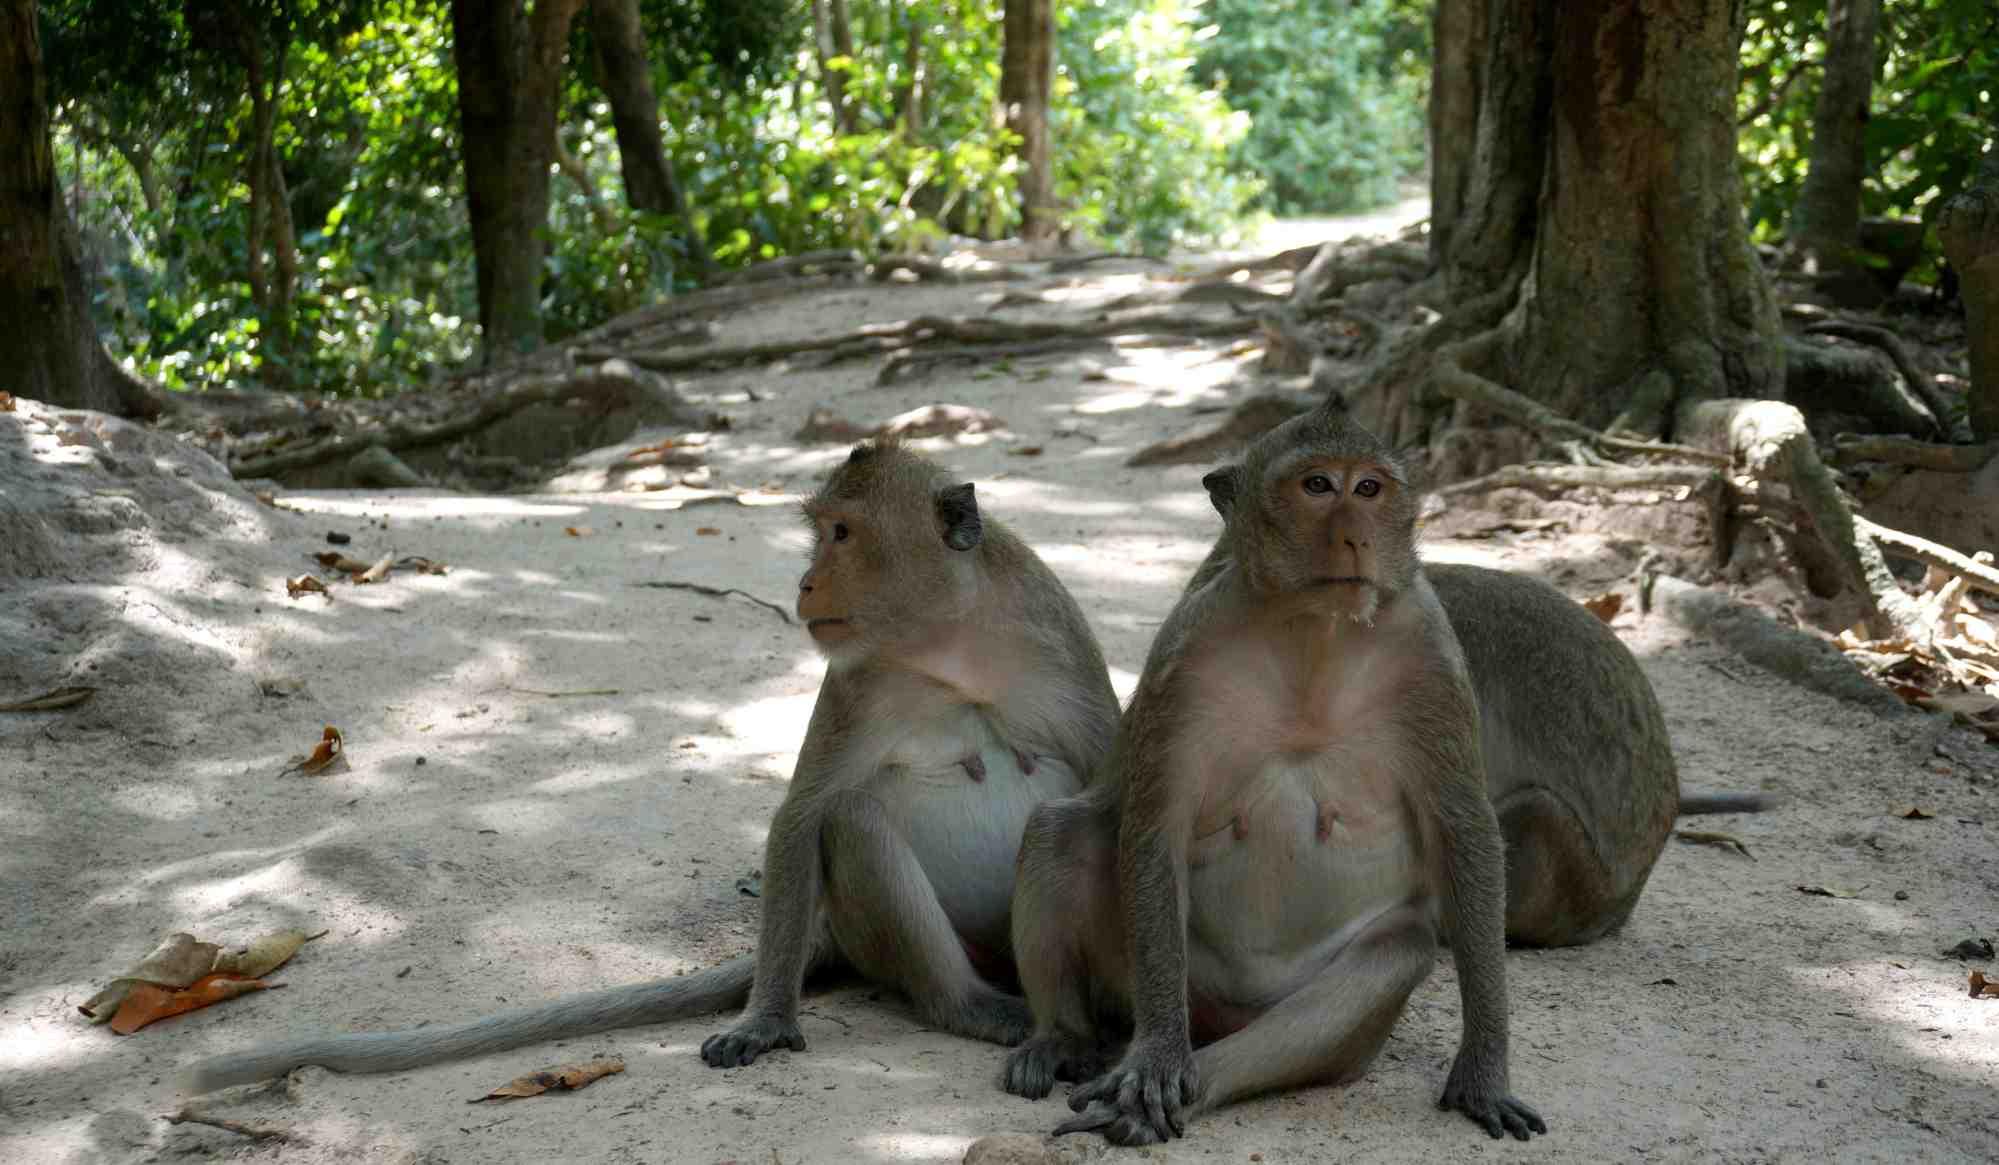 Odwiedziłem jedno z najlepszych zoo na świecie. W Kambodży